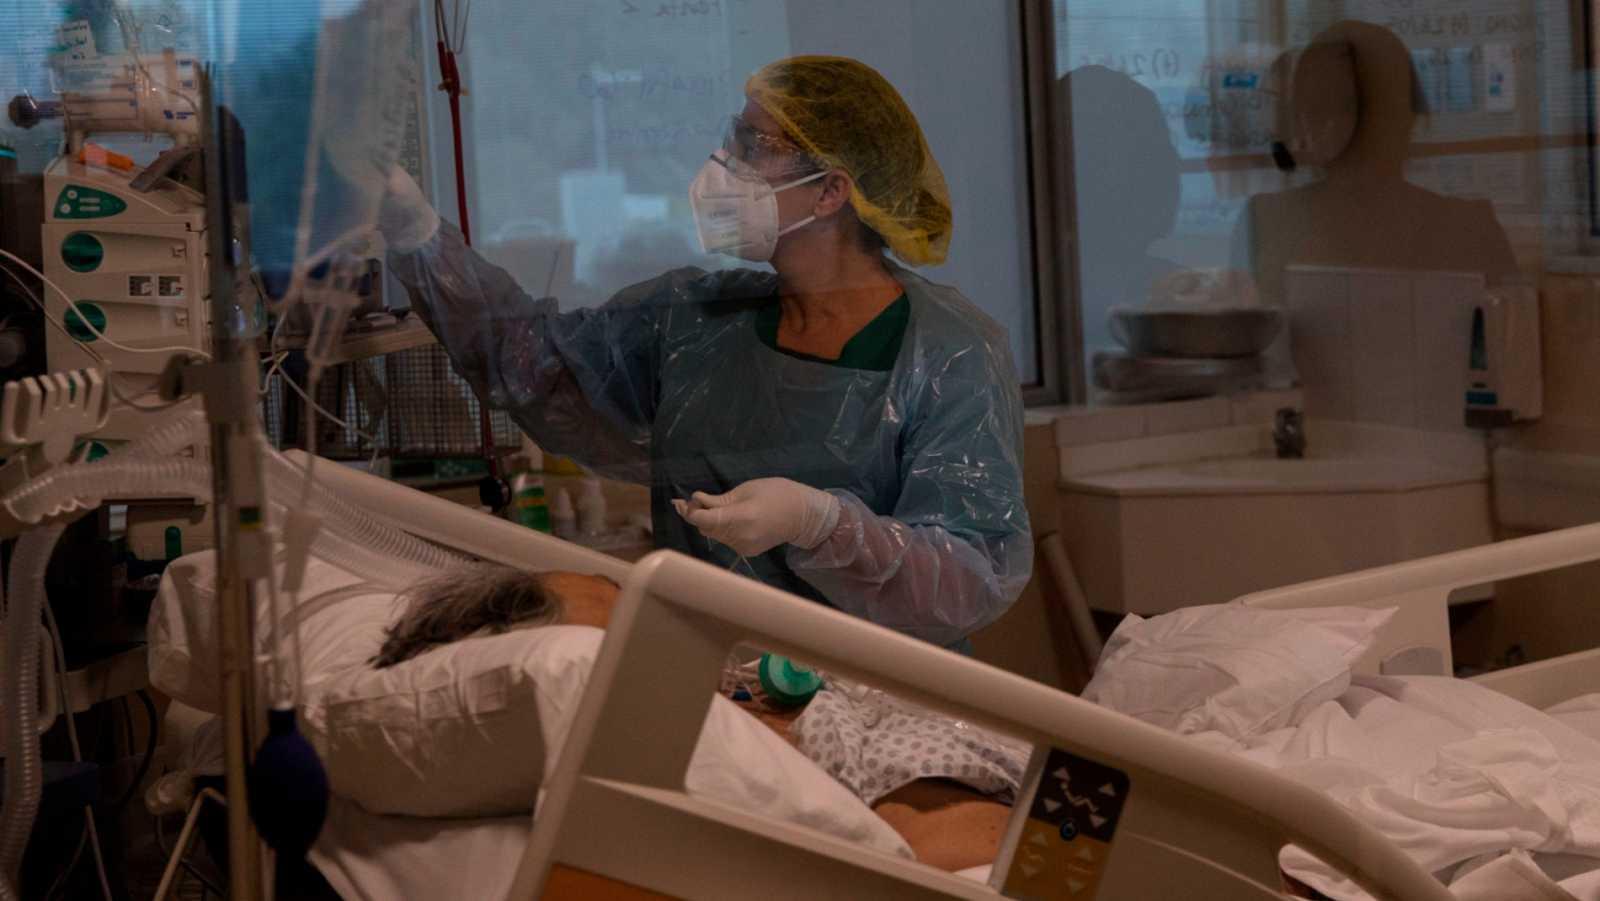 Telediario - Santiago de Chile abre un puente aéreo para trasladar a pacientes de coronavirus por la saturación de de las UCI - VER AHORA